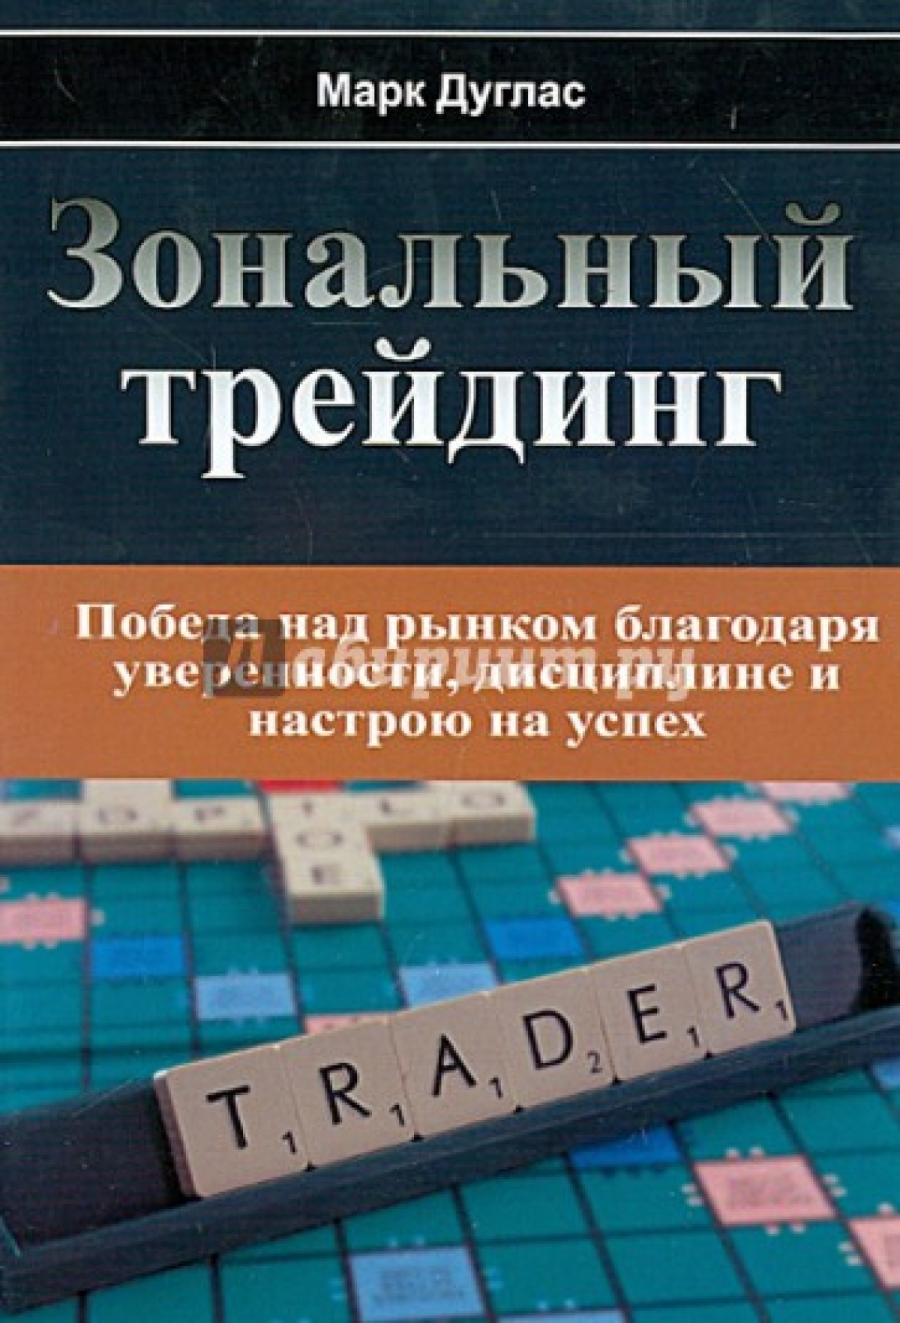 Обложка книги:  марк дуглас - зональный трейдинг. победа над рынком благодаря уверенности, дисциплине и настрою на успех (fb2)